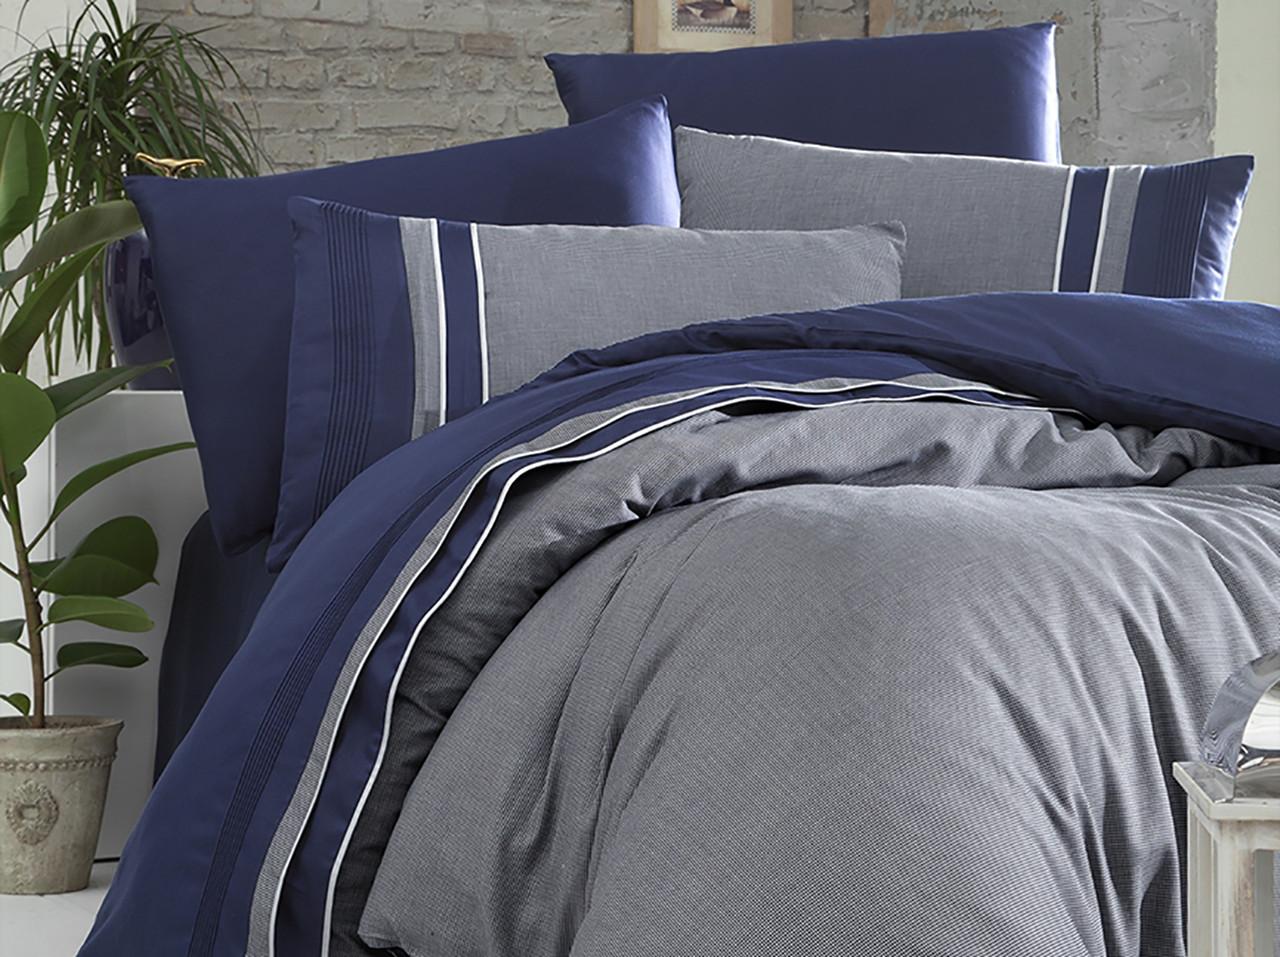 Шикарний Комплект постільної білизни євро Moonlight V. I. P Imaj Lacivert бренд First Choice